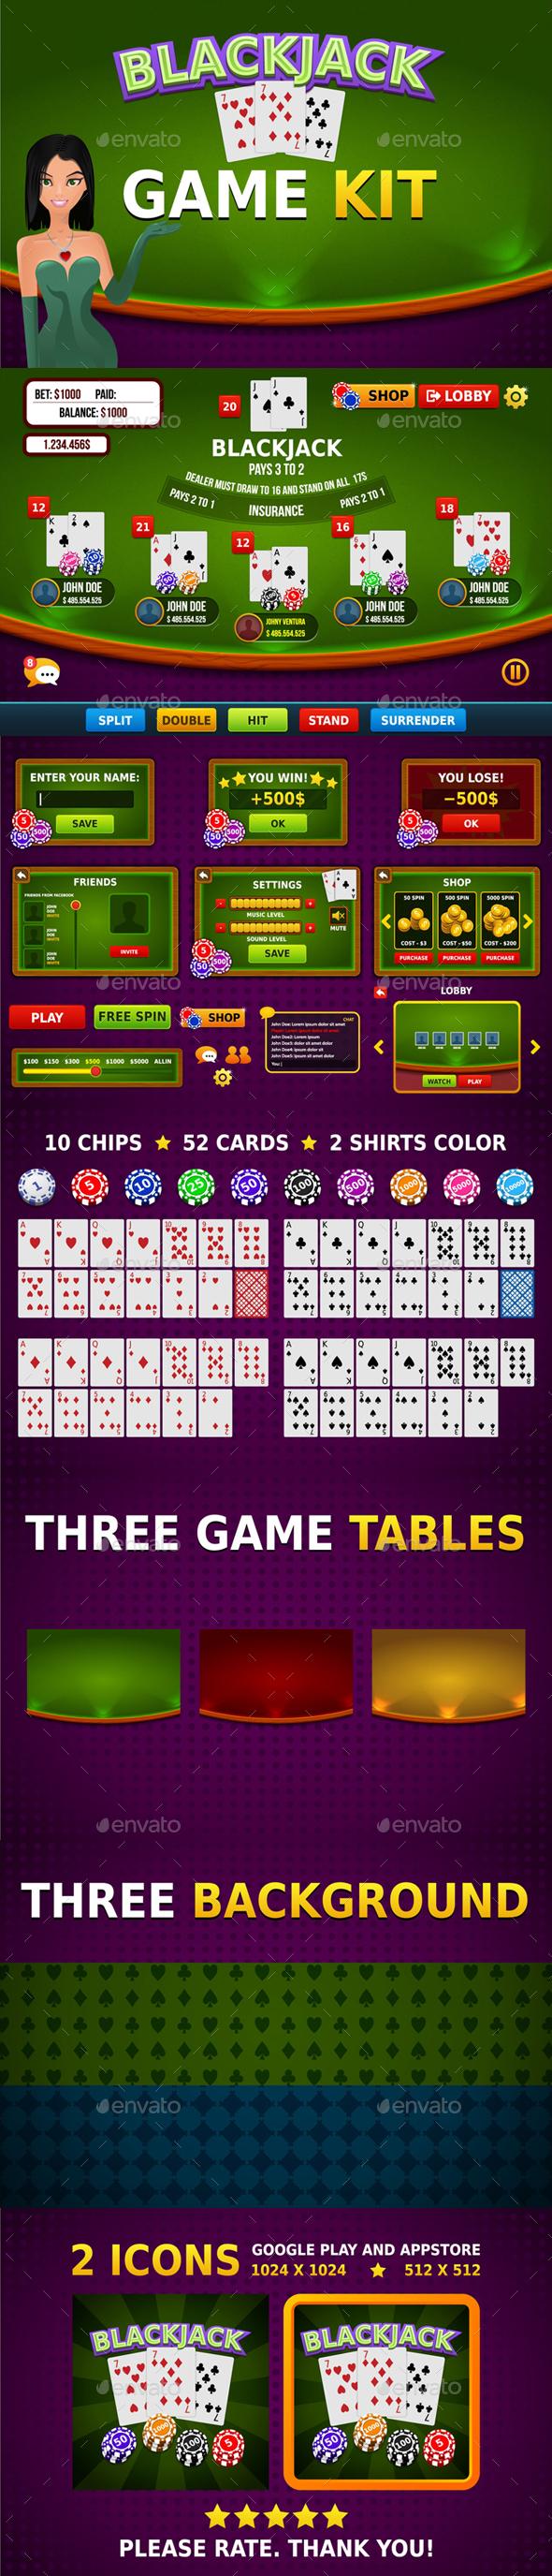 Blackjack Game Assets - Game Kits Game Assets